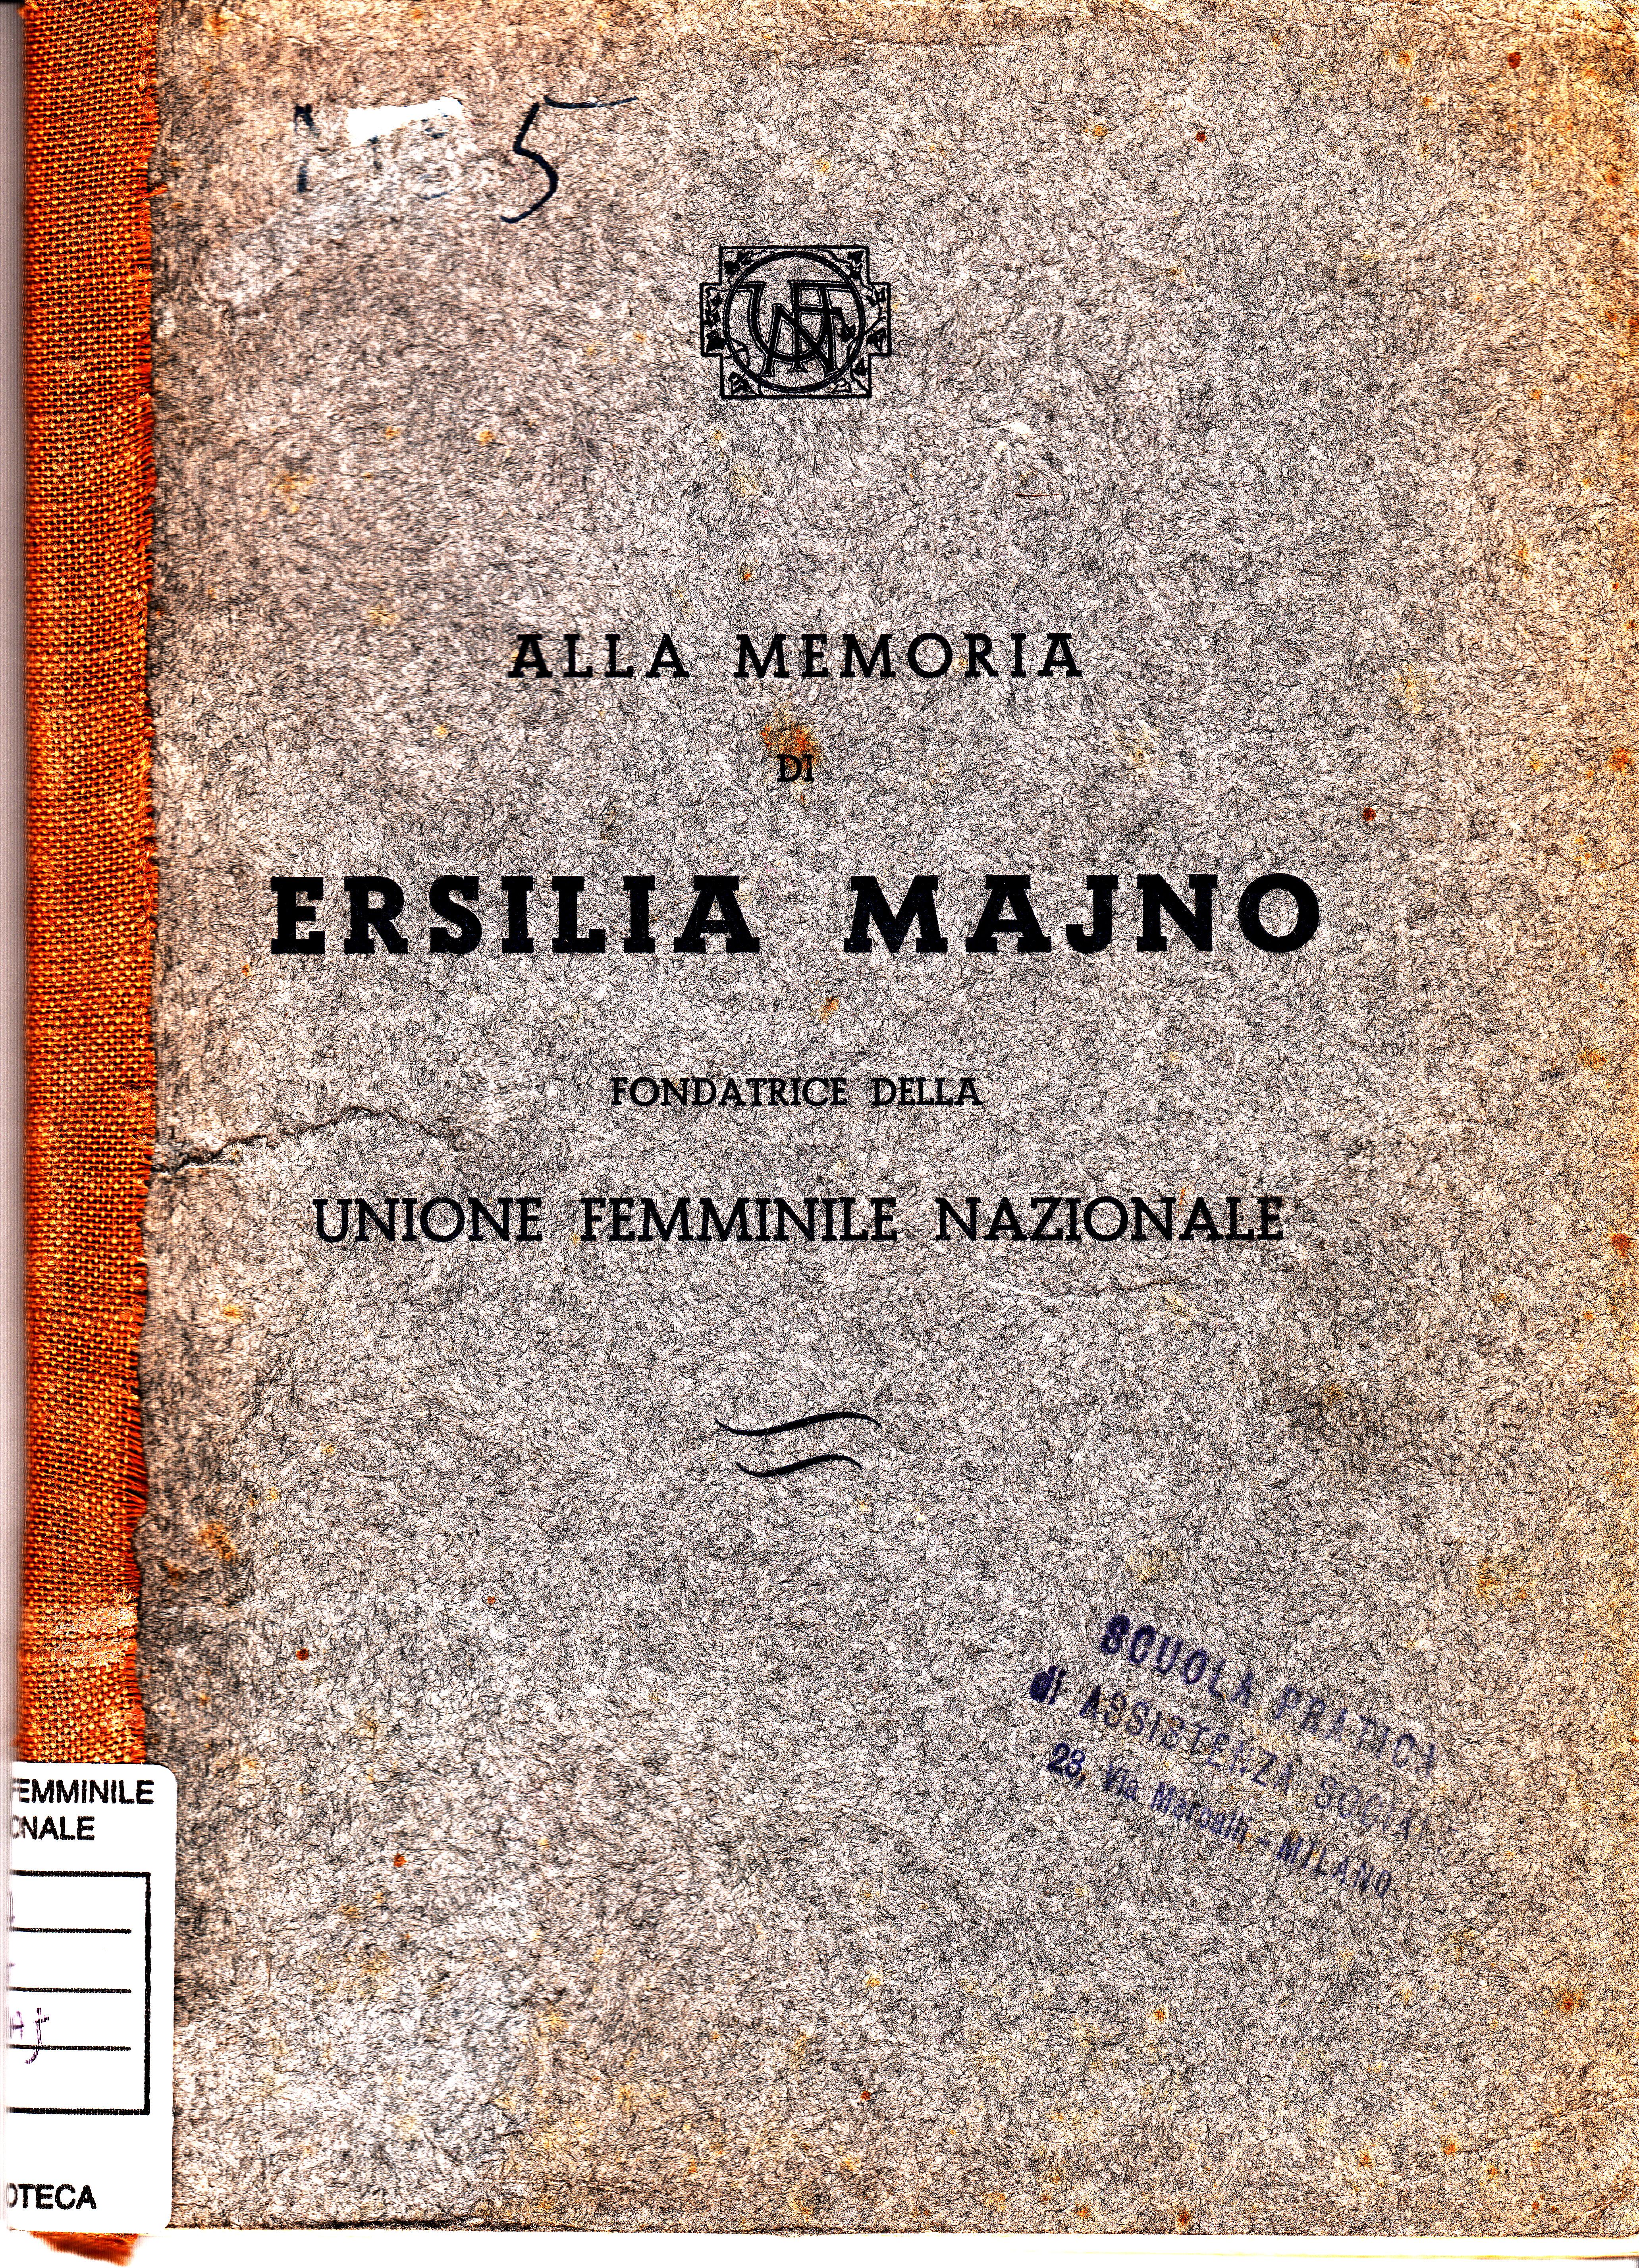 Alla memoria di Ersilia Majno